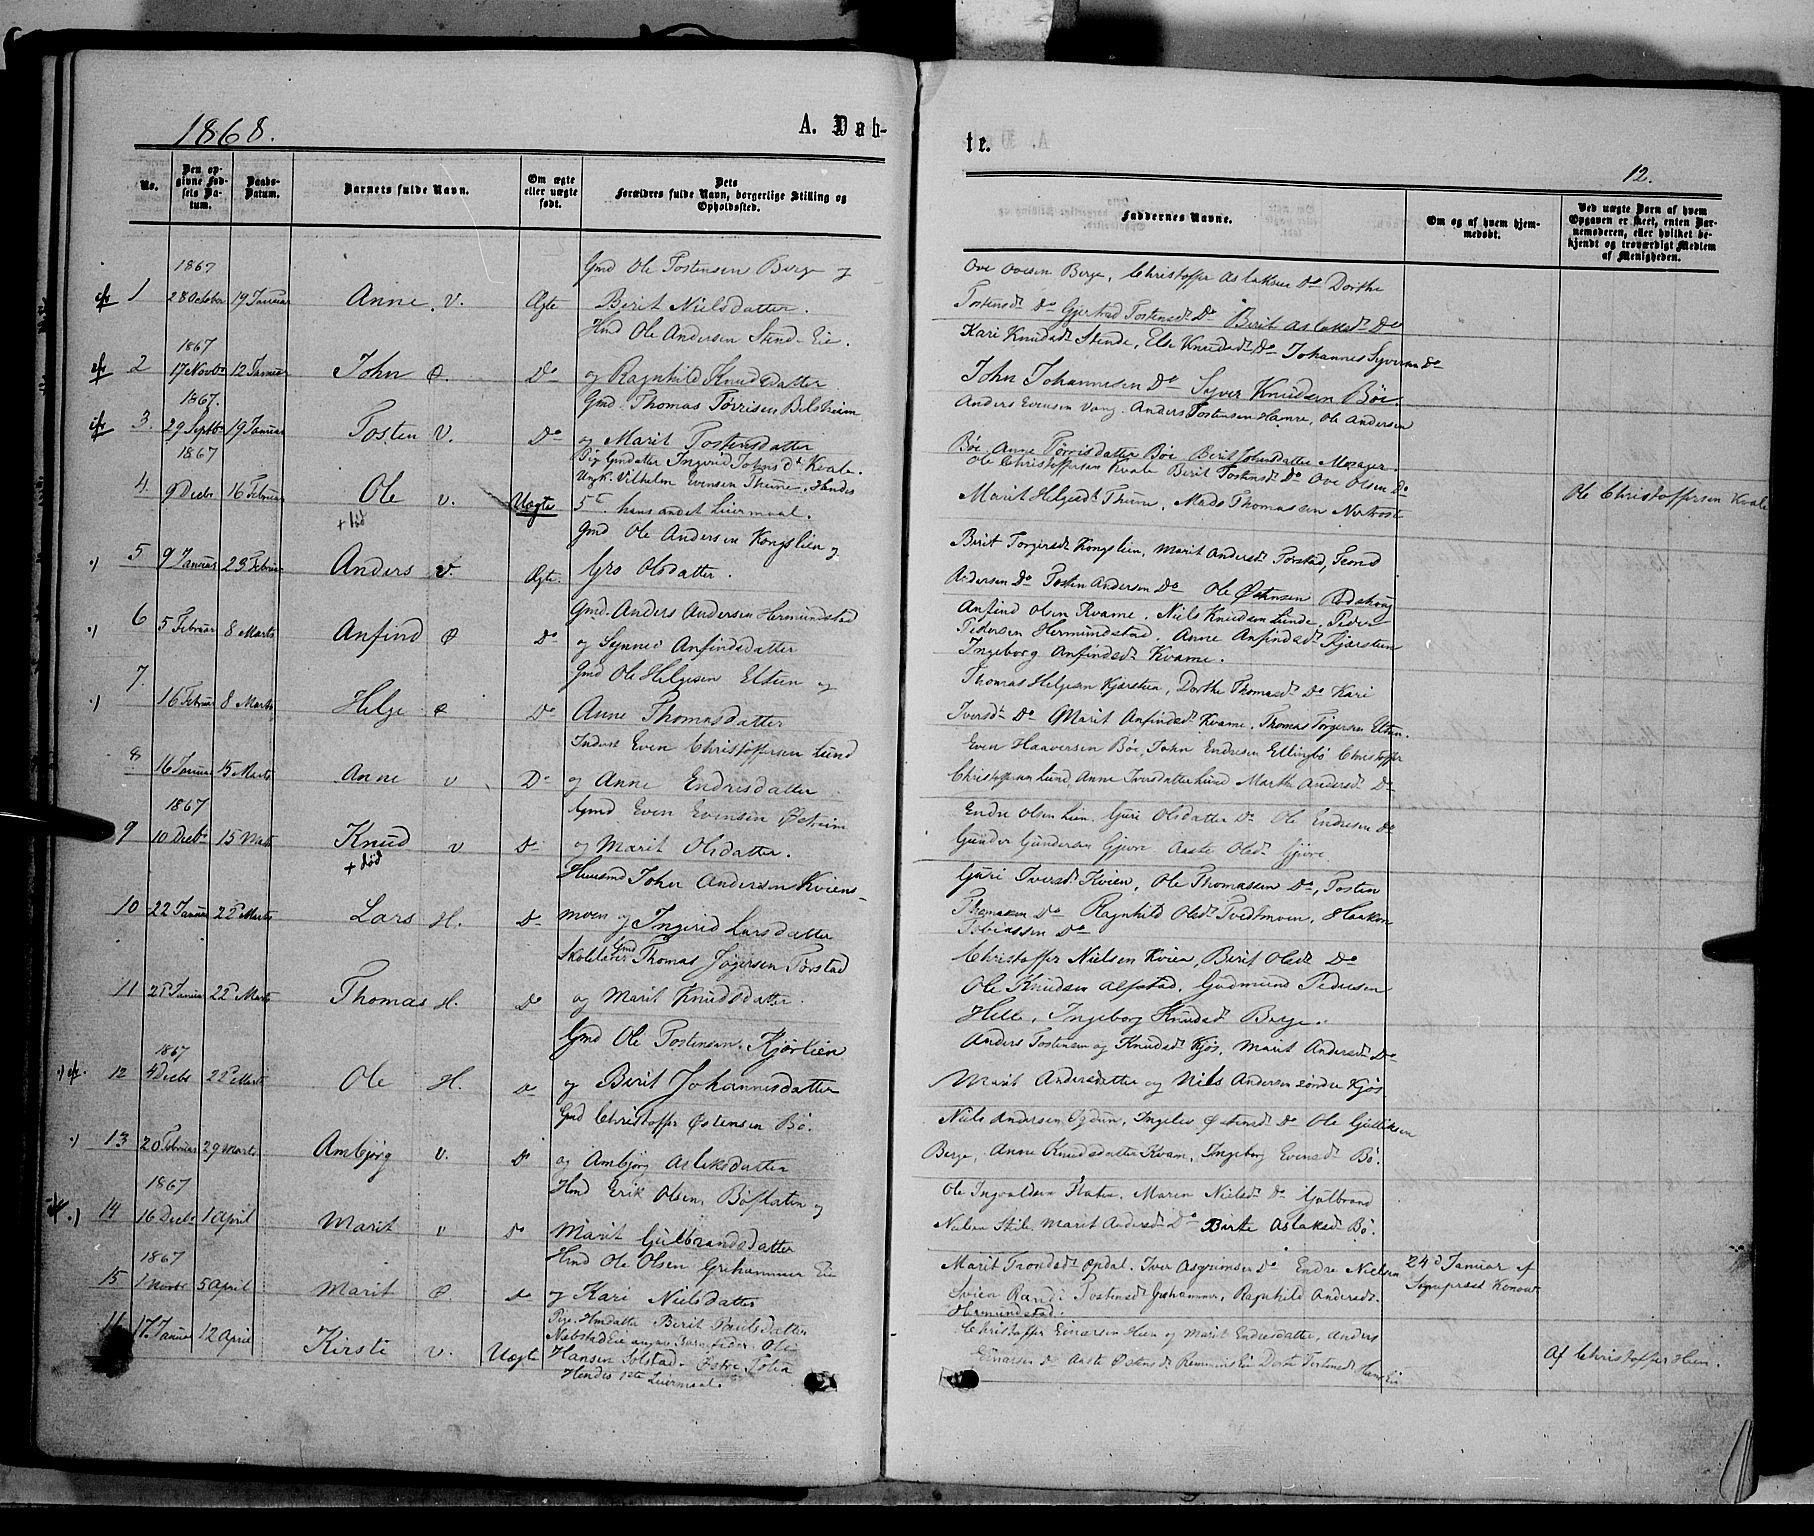 SAH, Vang prestekontor, Valdres, Ministerialbok nr. 7, 1865-1881, s. 12